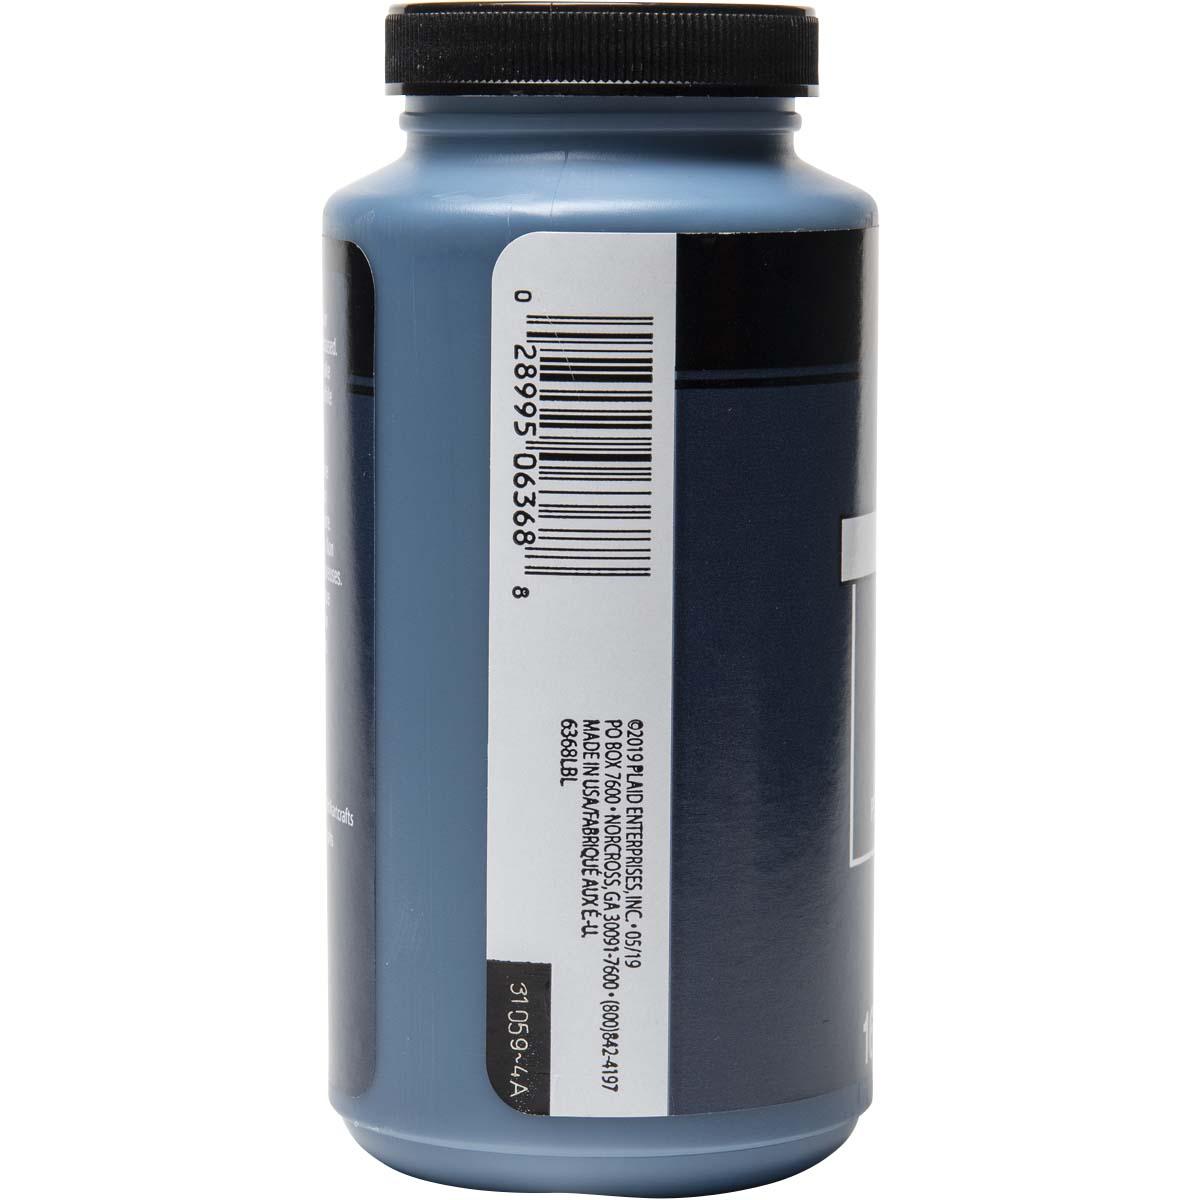 FolkArt ® Acrylic Colors - Navy Blue, 16 oz. - 6368